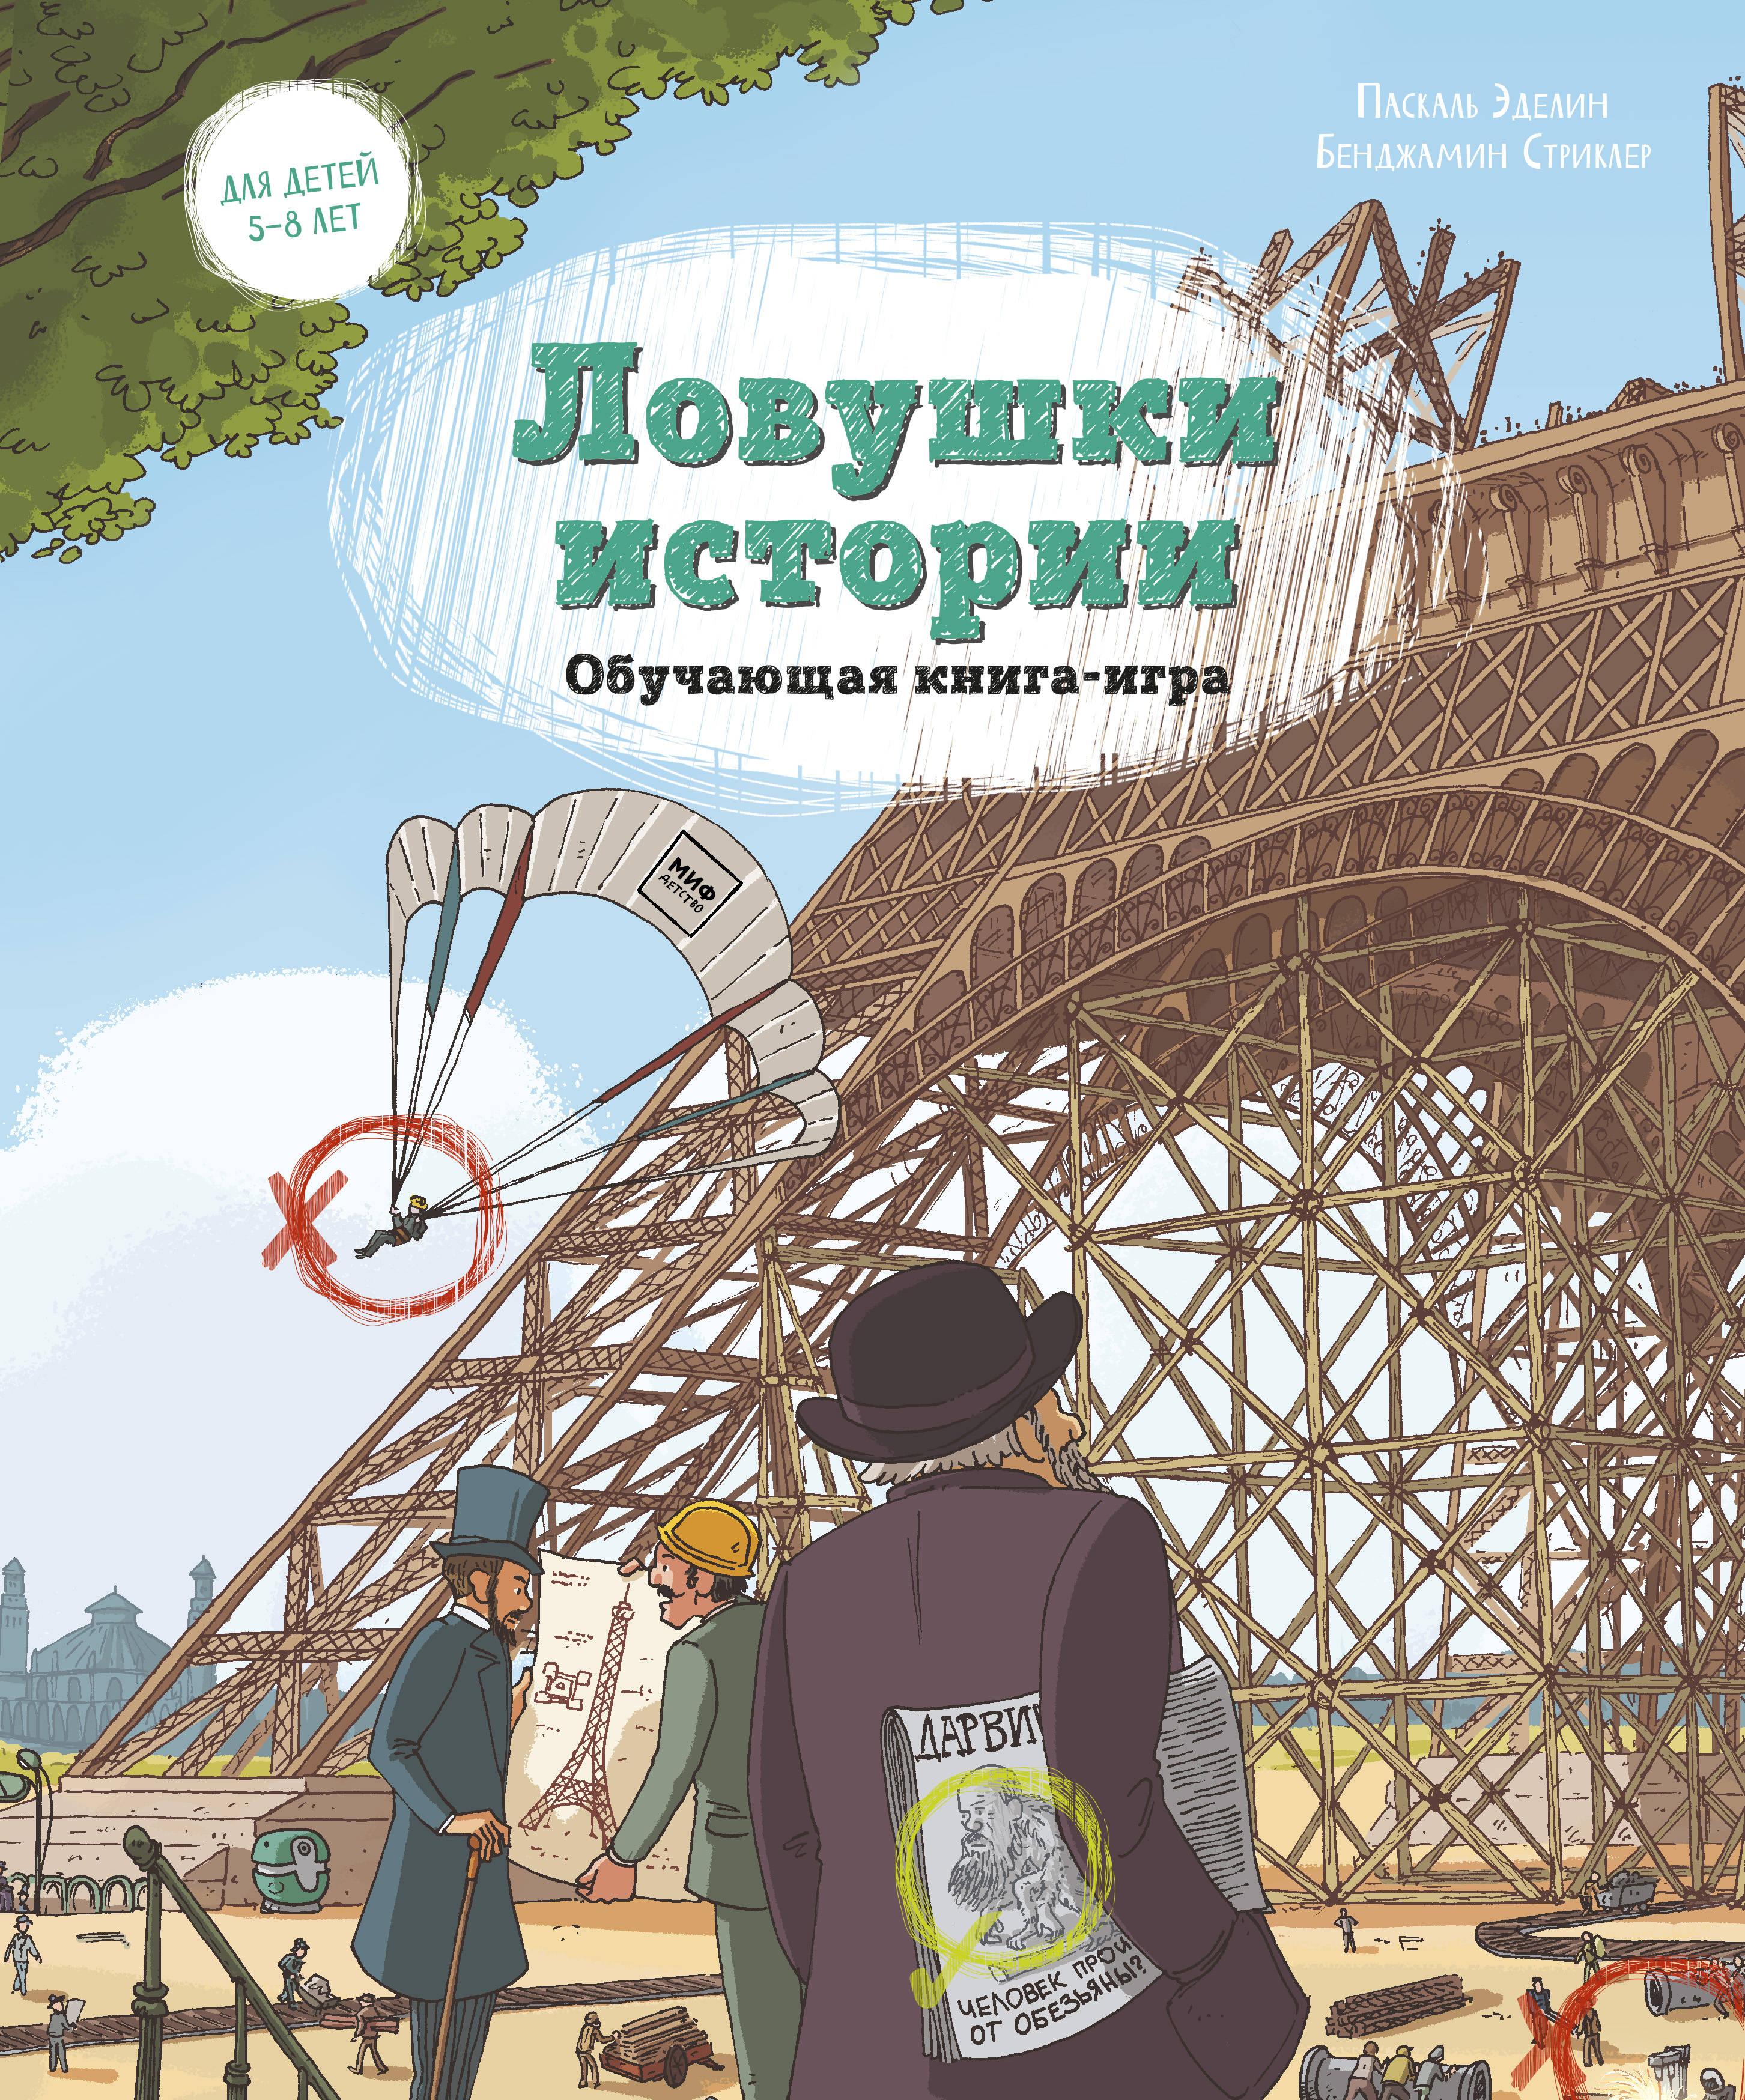 Ловушки истории. Обучающая книга-игра, Паскаль Эделин, Бенджамин Стриклер